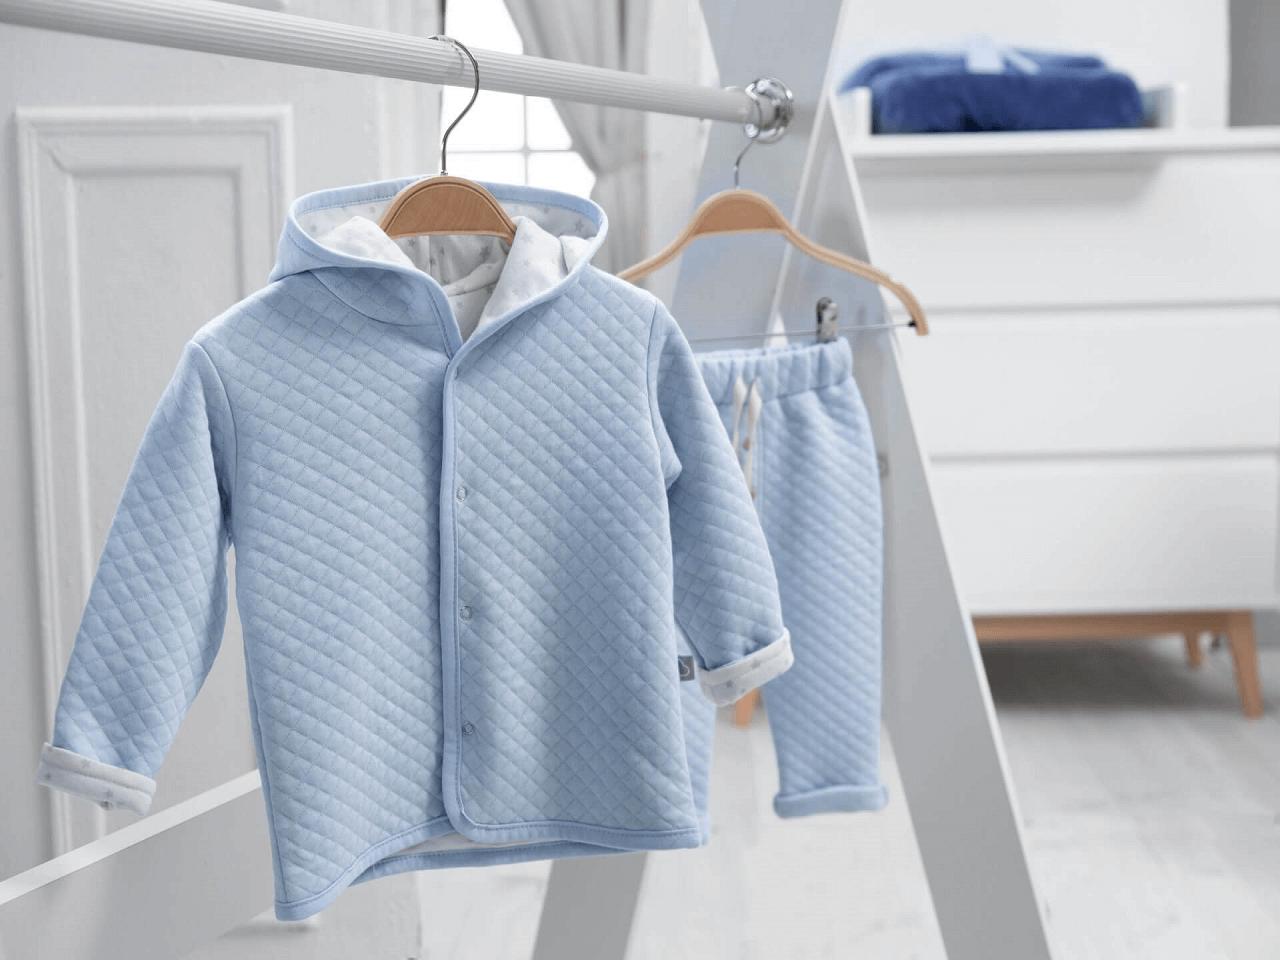 Çocuk Giysilerinde Kullanılan Kordon ve Büzme İplerinde Uygunluk Denetimleri